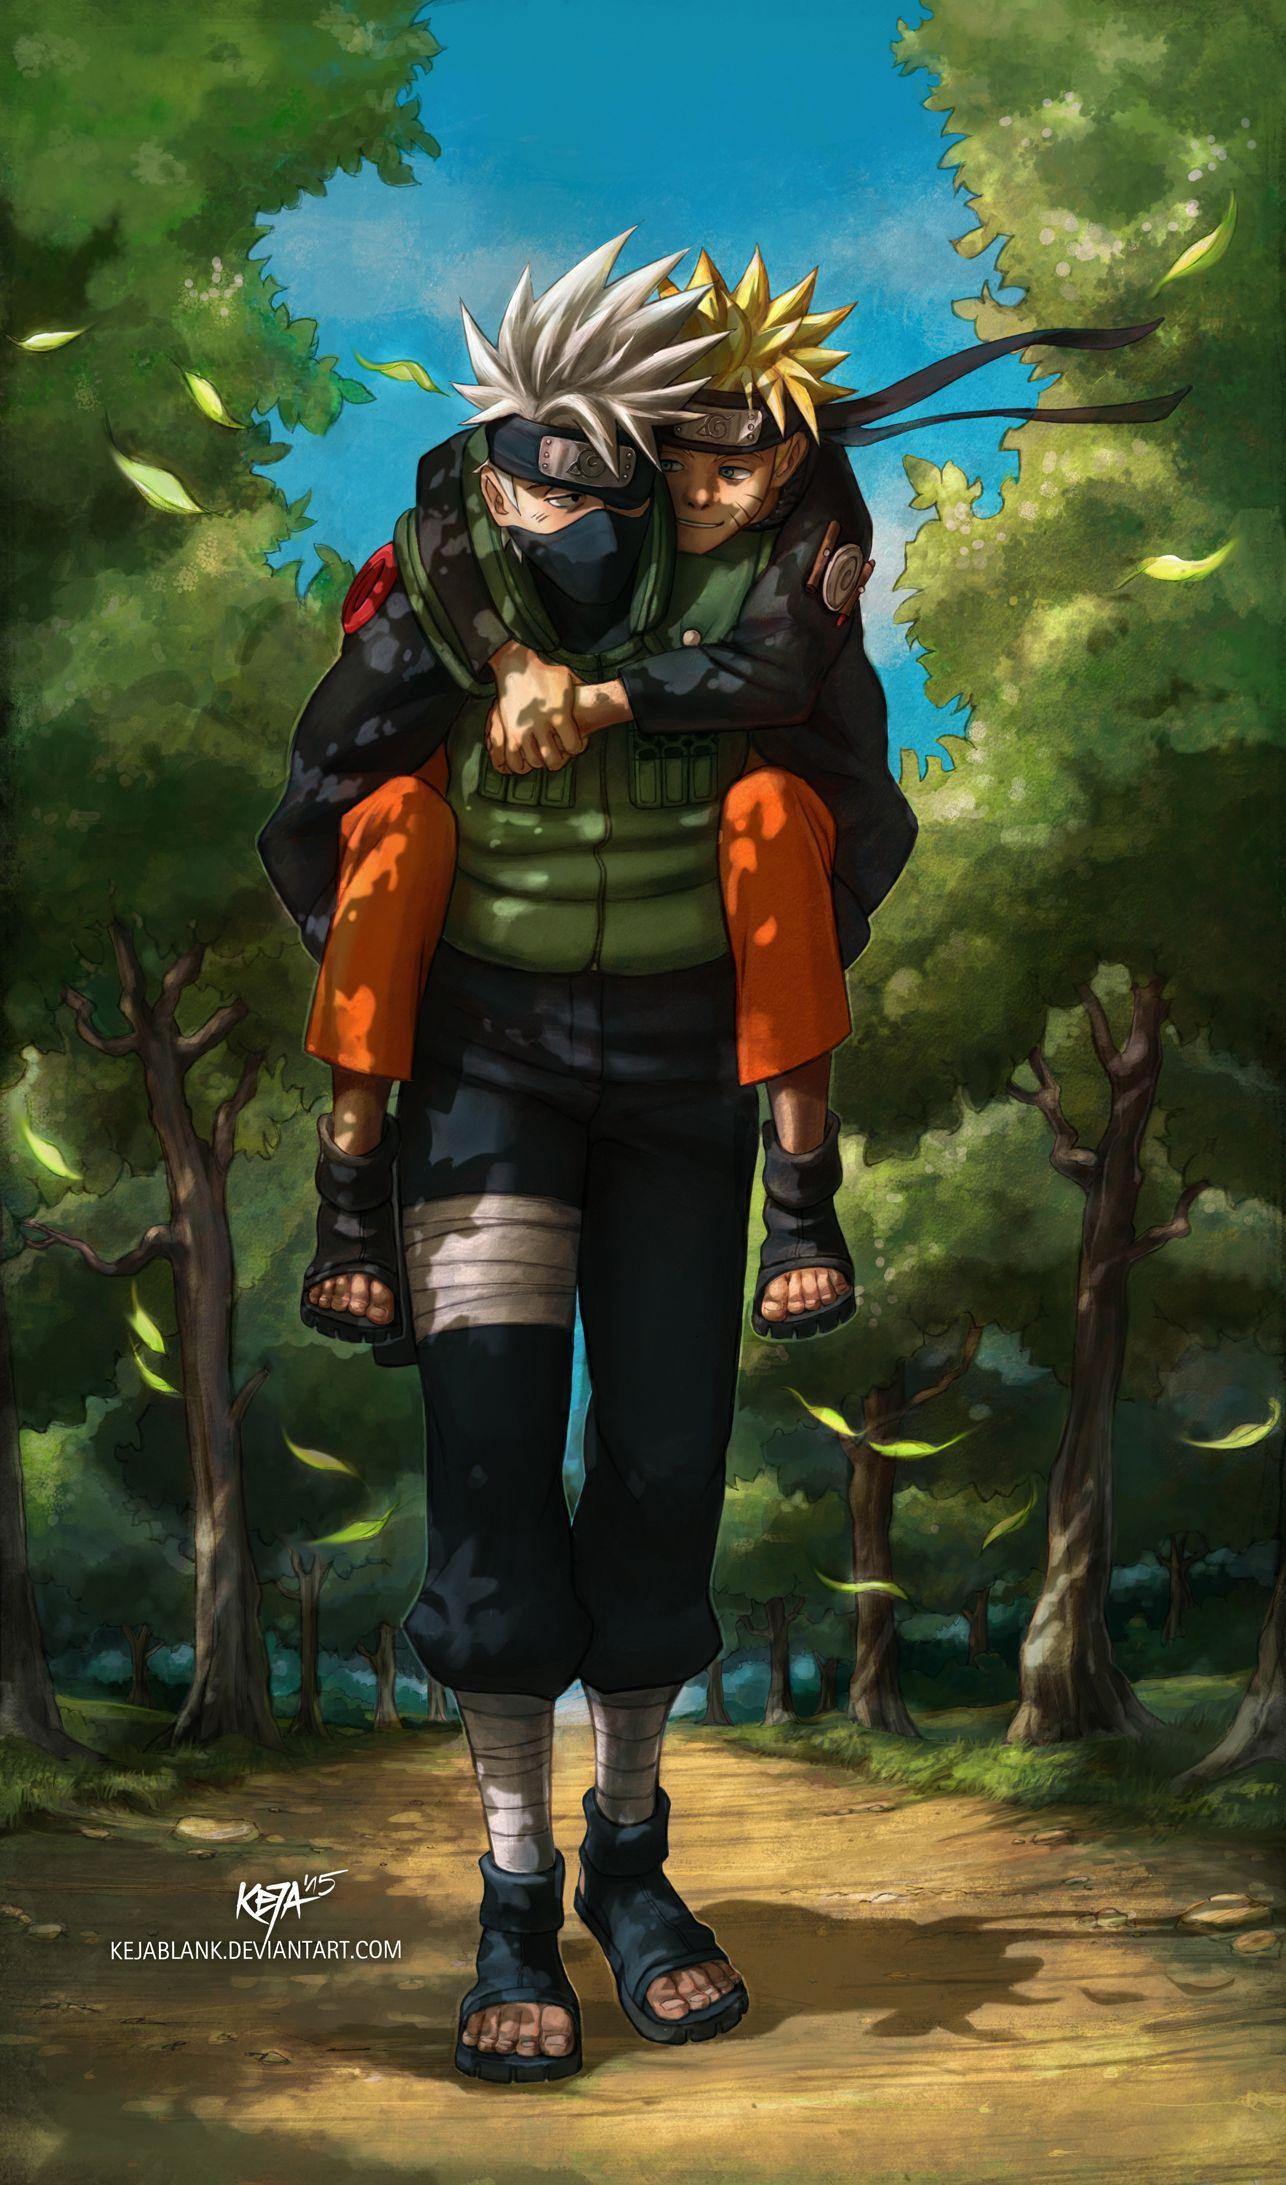 /Kakashi Carries Naruto/#1890678   Fullsize Image (1286x2185)   Naruto shippuden anime, Naruto ...